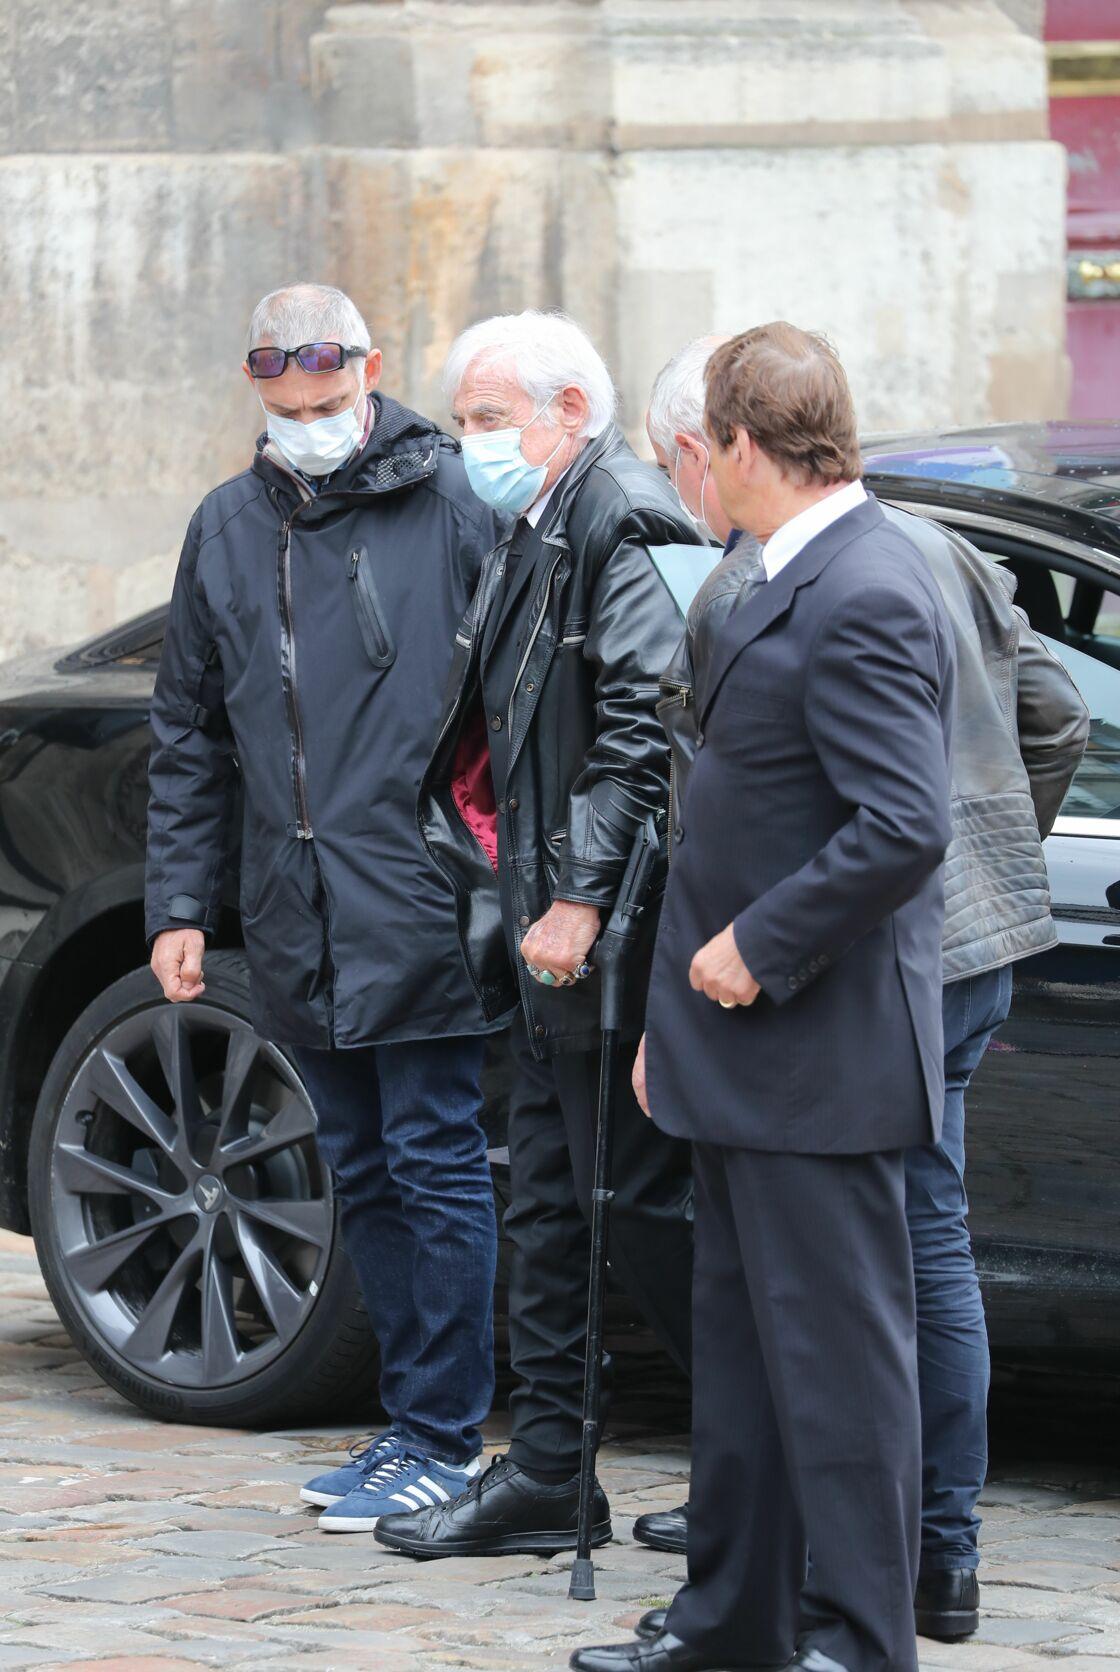 Jean-Paul Belmondo à son arrivée à l'église de Saint-Germain-des-Prés, à Paris, ce jeudi 4 juin.